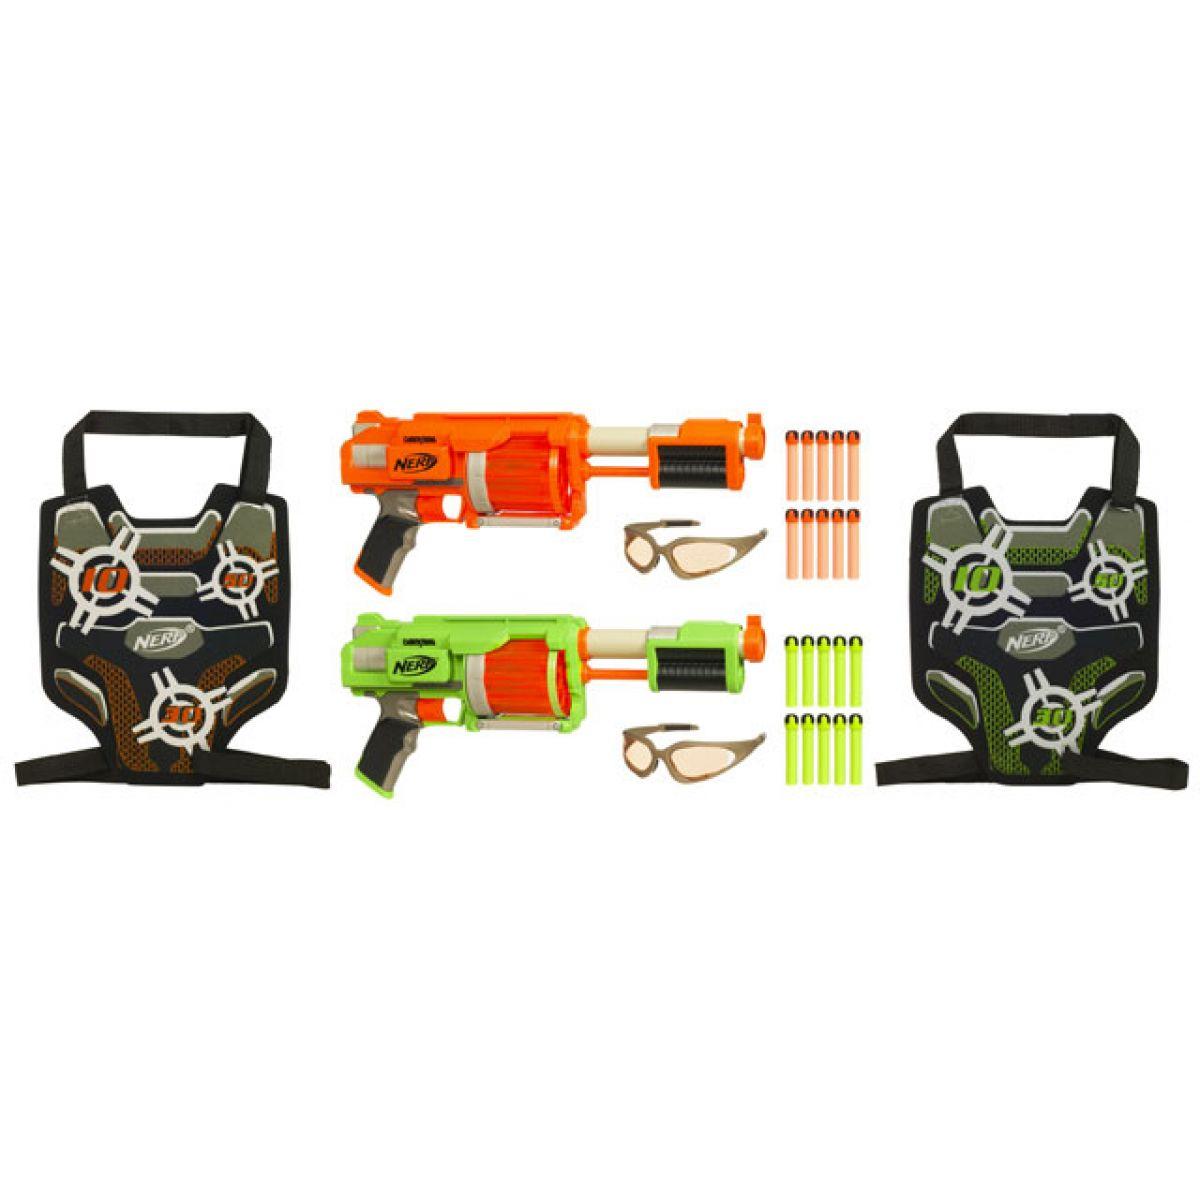 NERF Dart-Tag FURYFIRE hrací set pro 2 hráče HASBRO 92695